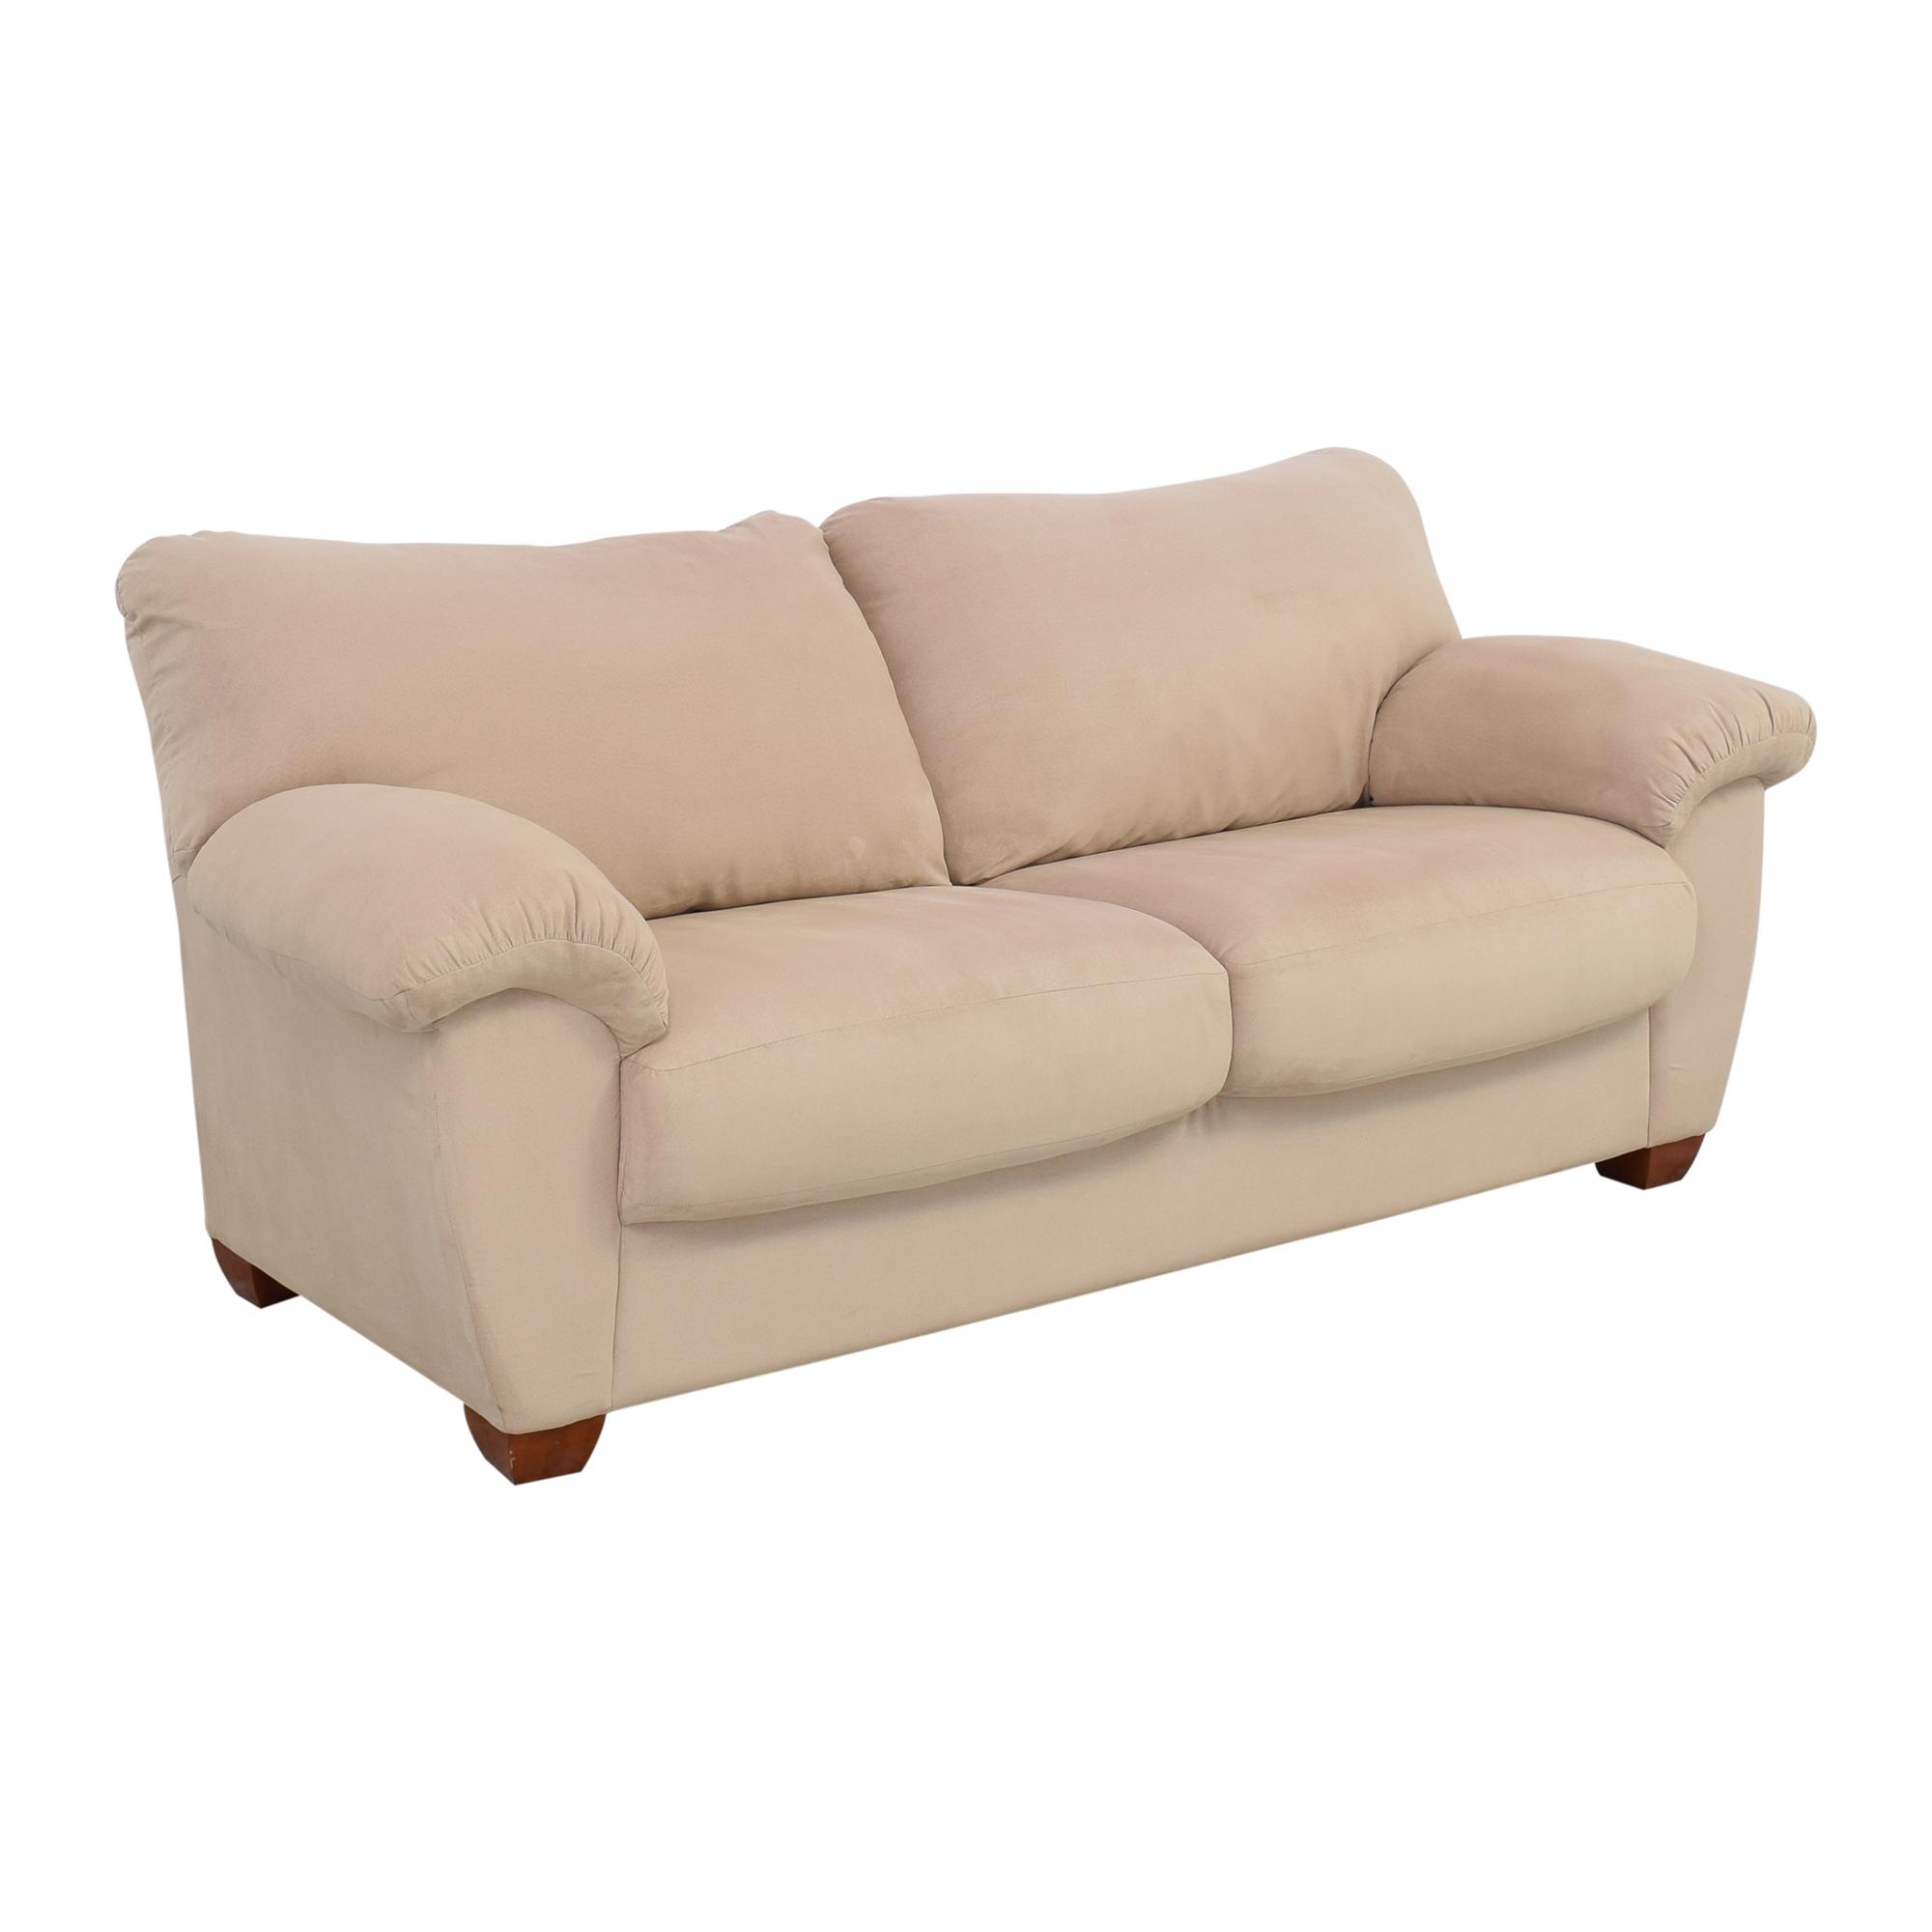 Two Cushion Sofa discount